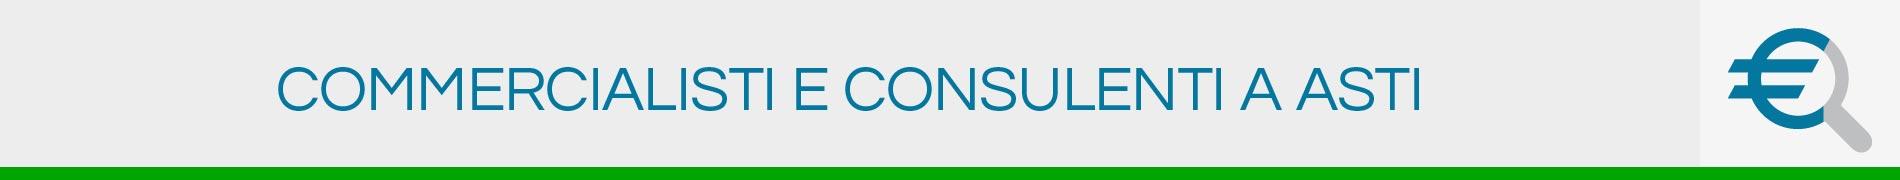 Commercialisti e Consulenti a Asti